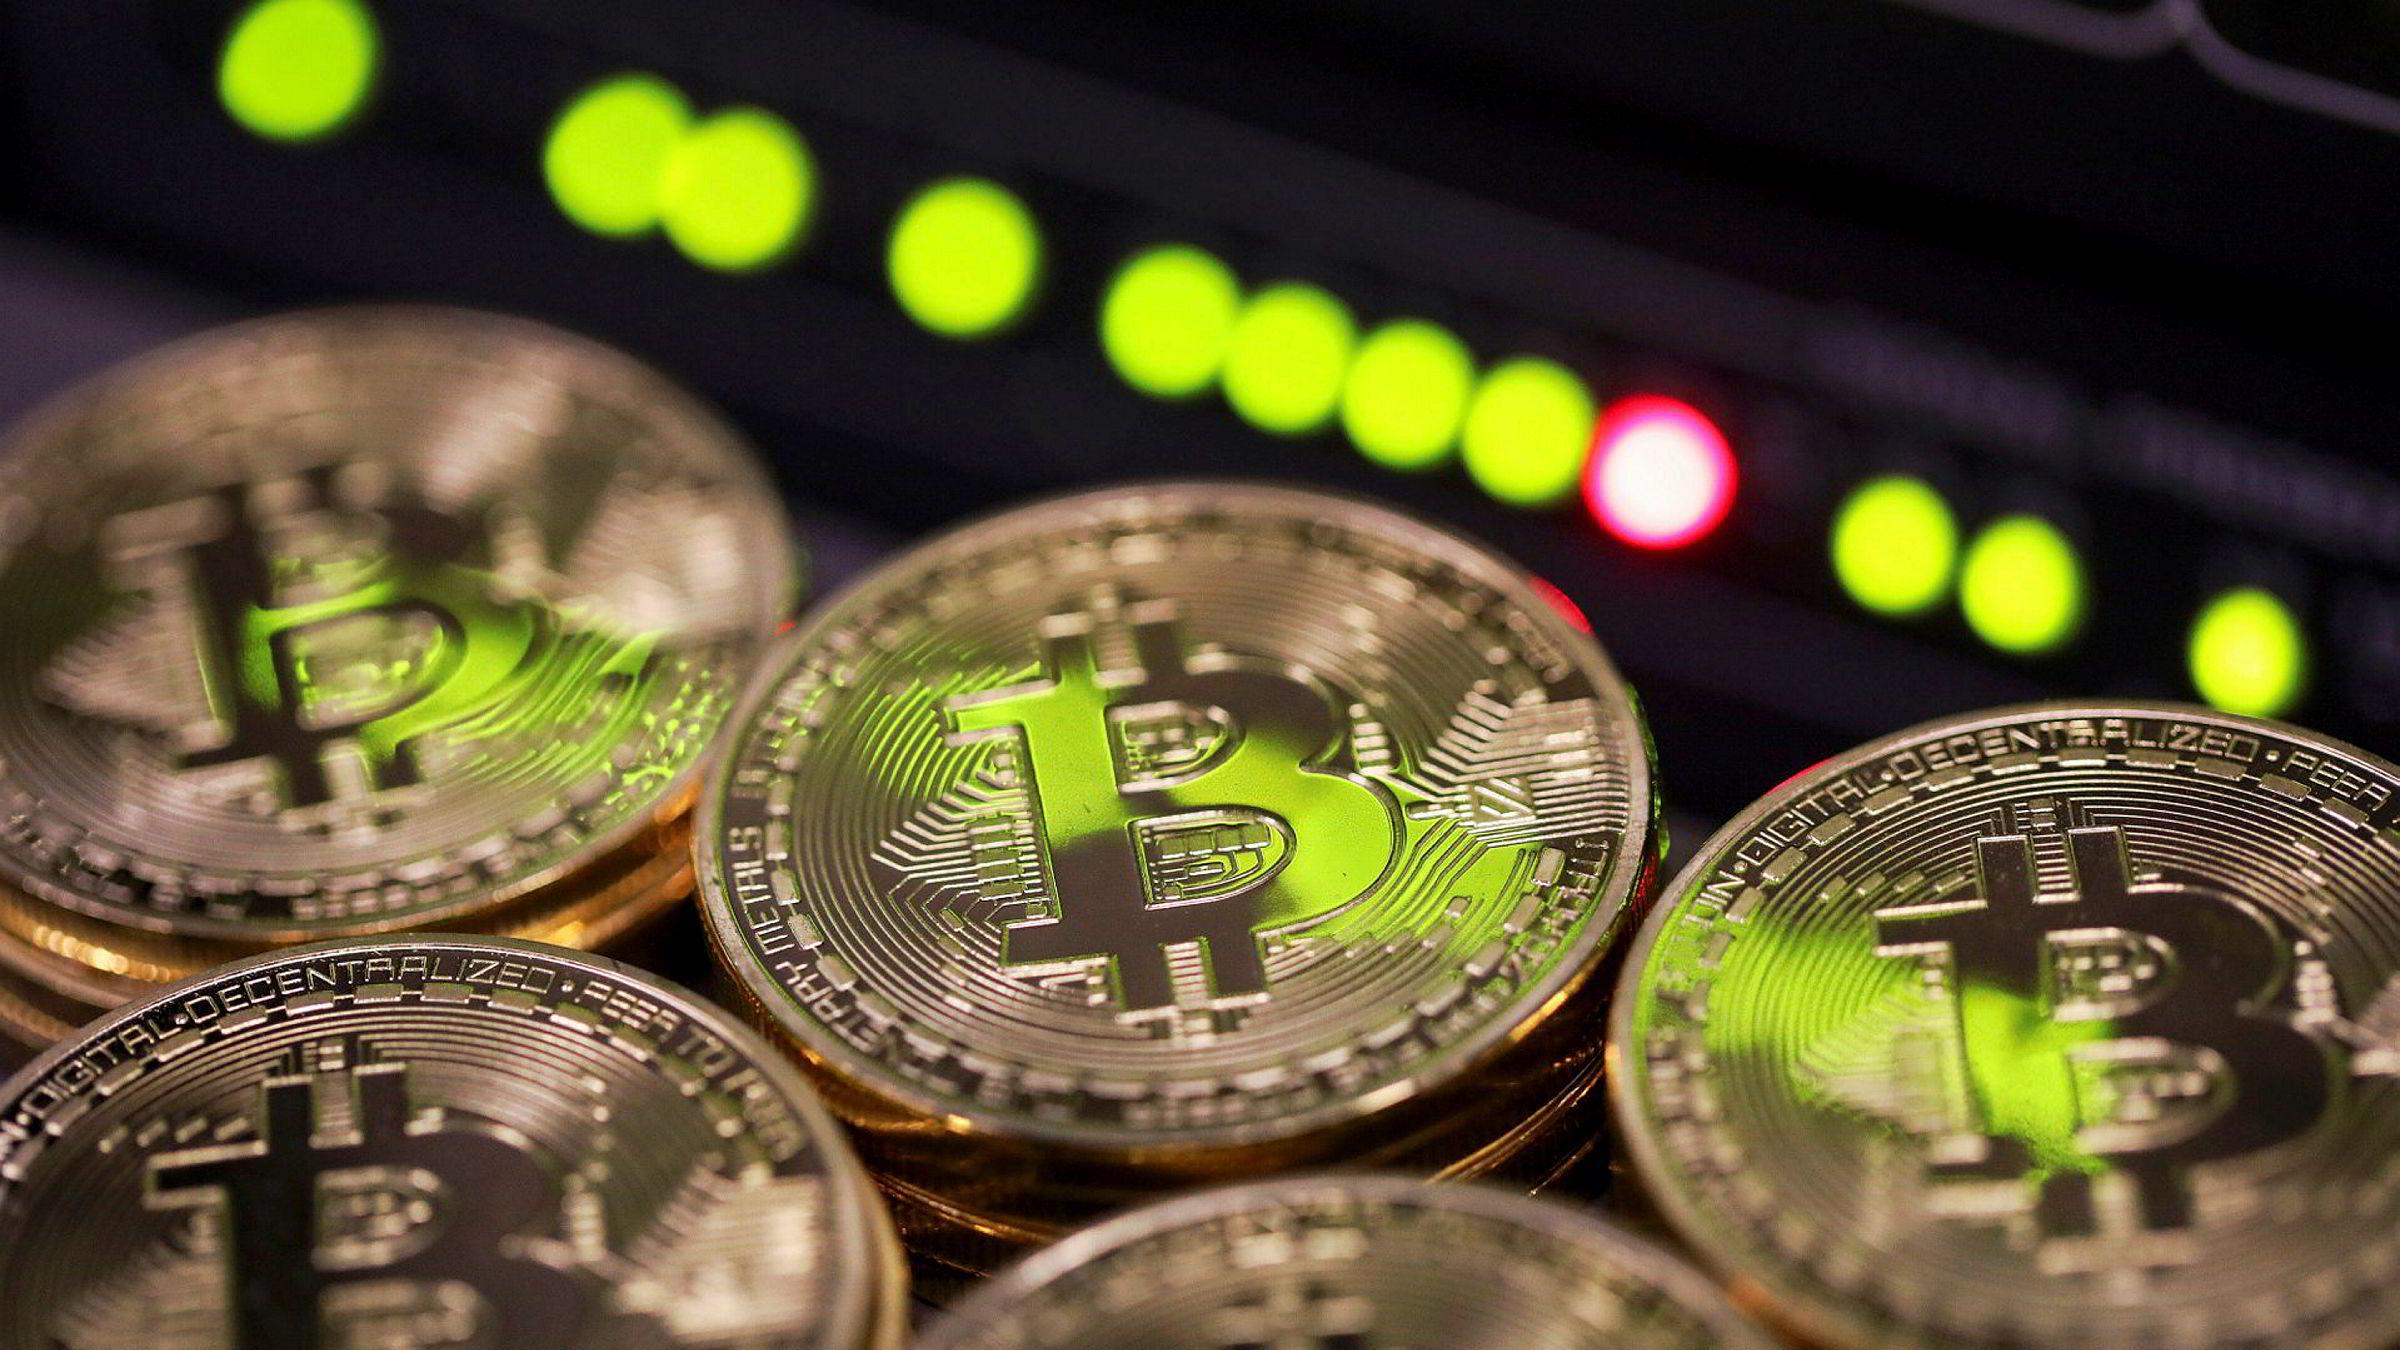 Bitcoin og anna kryptovaluta er i dag i eit limbo. Lover og reguleringar er ikkje laga for digitale valuta og nyvinningane som følgjer med, sier forfatterne.